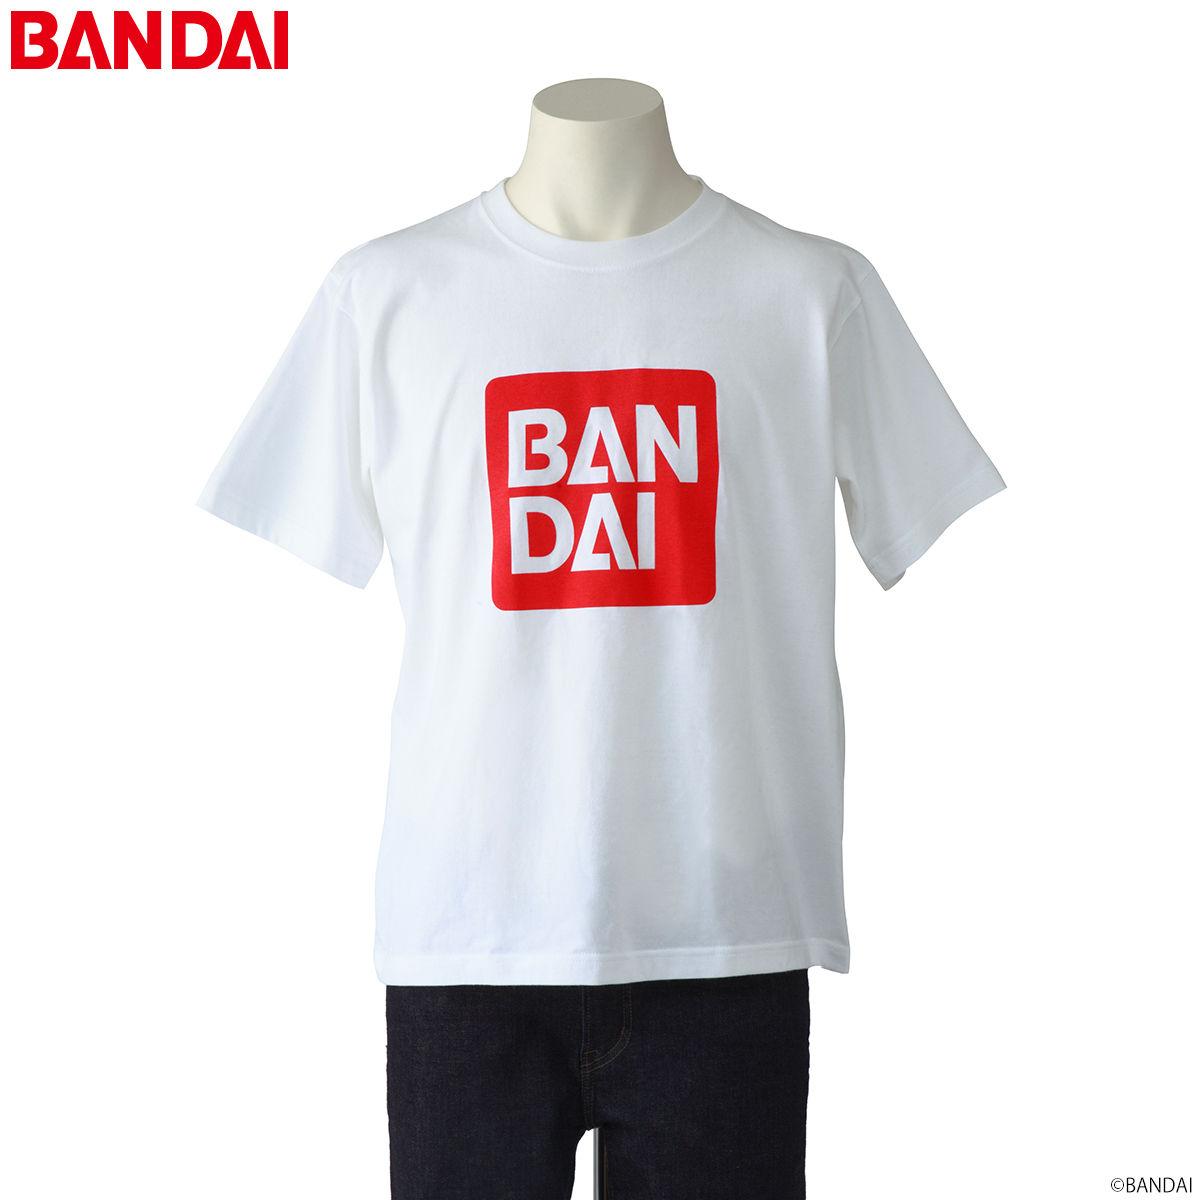 BANDAI Logo T-shirt